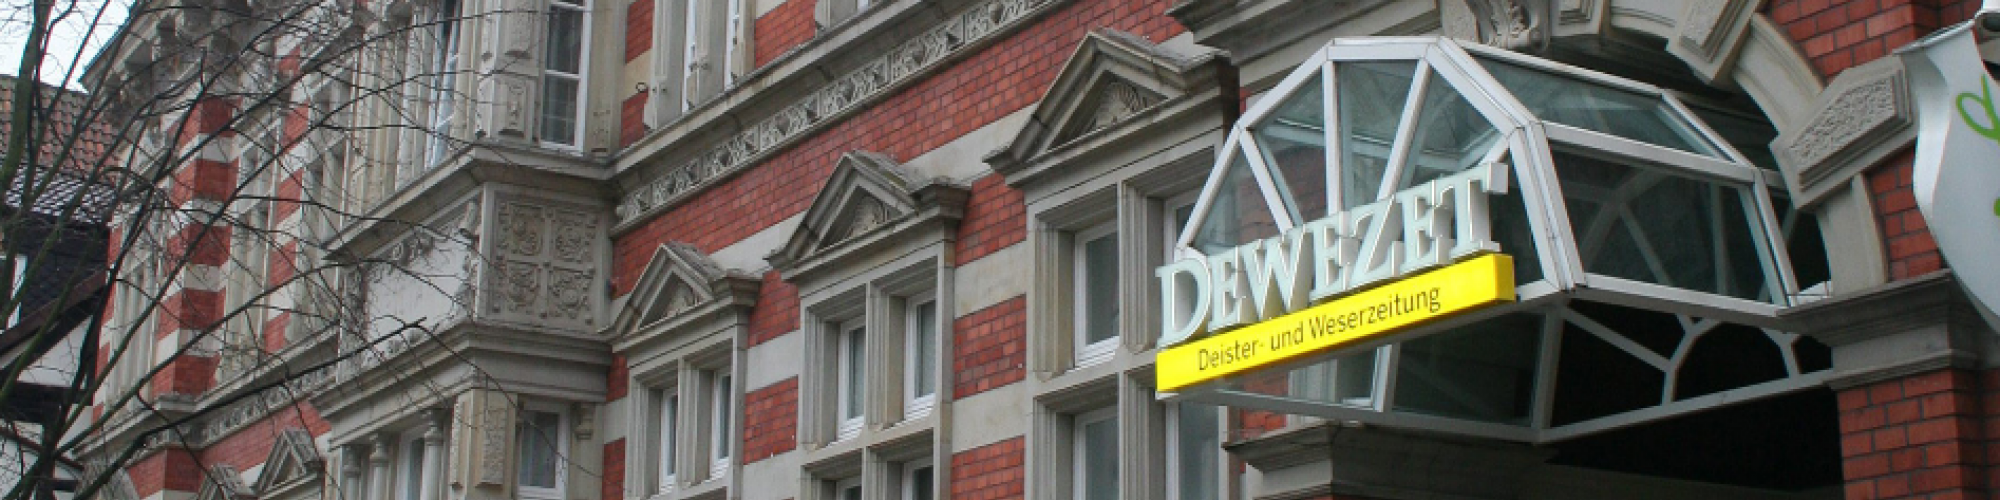 Deister - und Weserzeitung Verlagsgesellschaft mbH & Co. KG